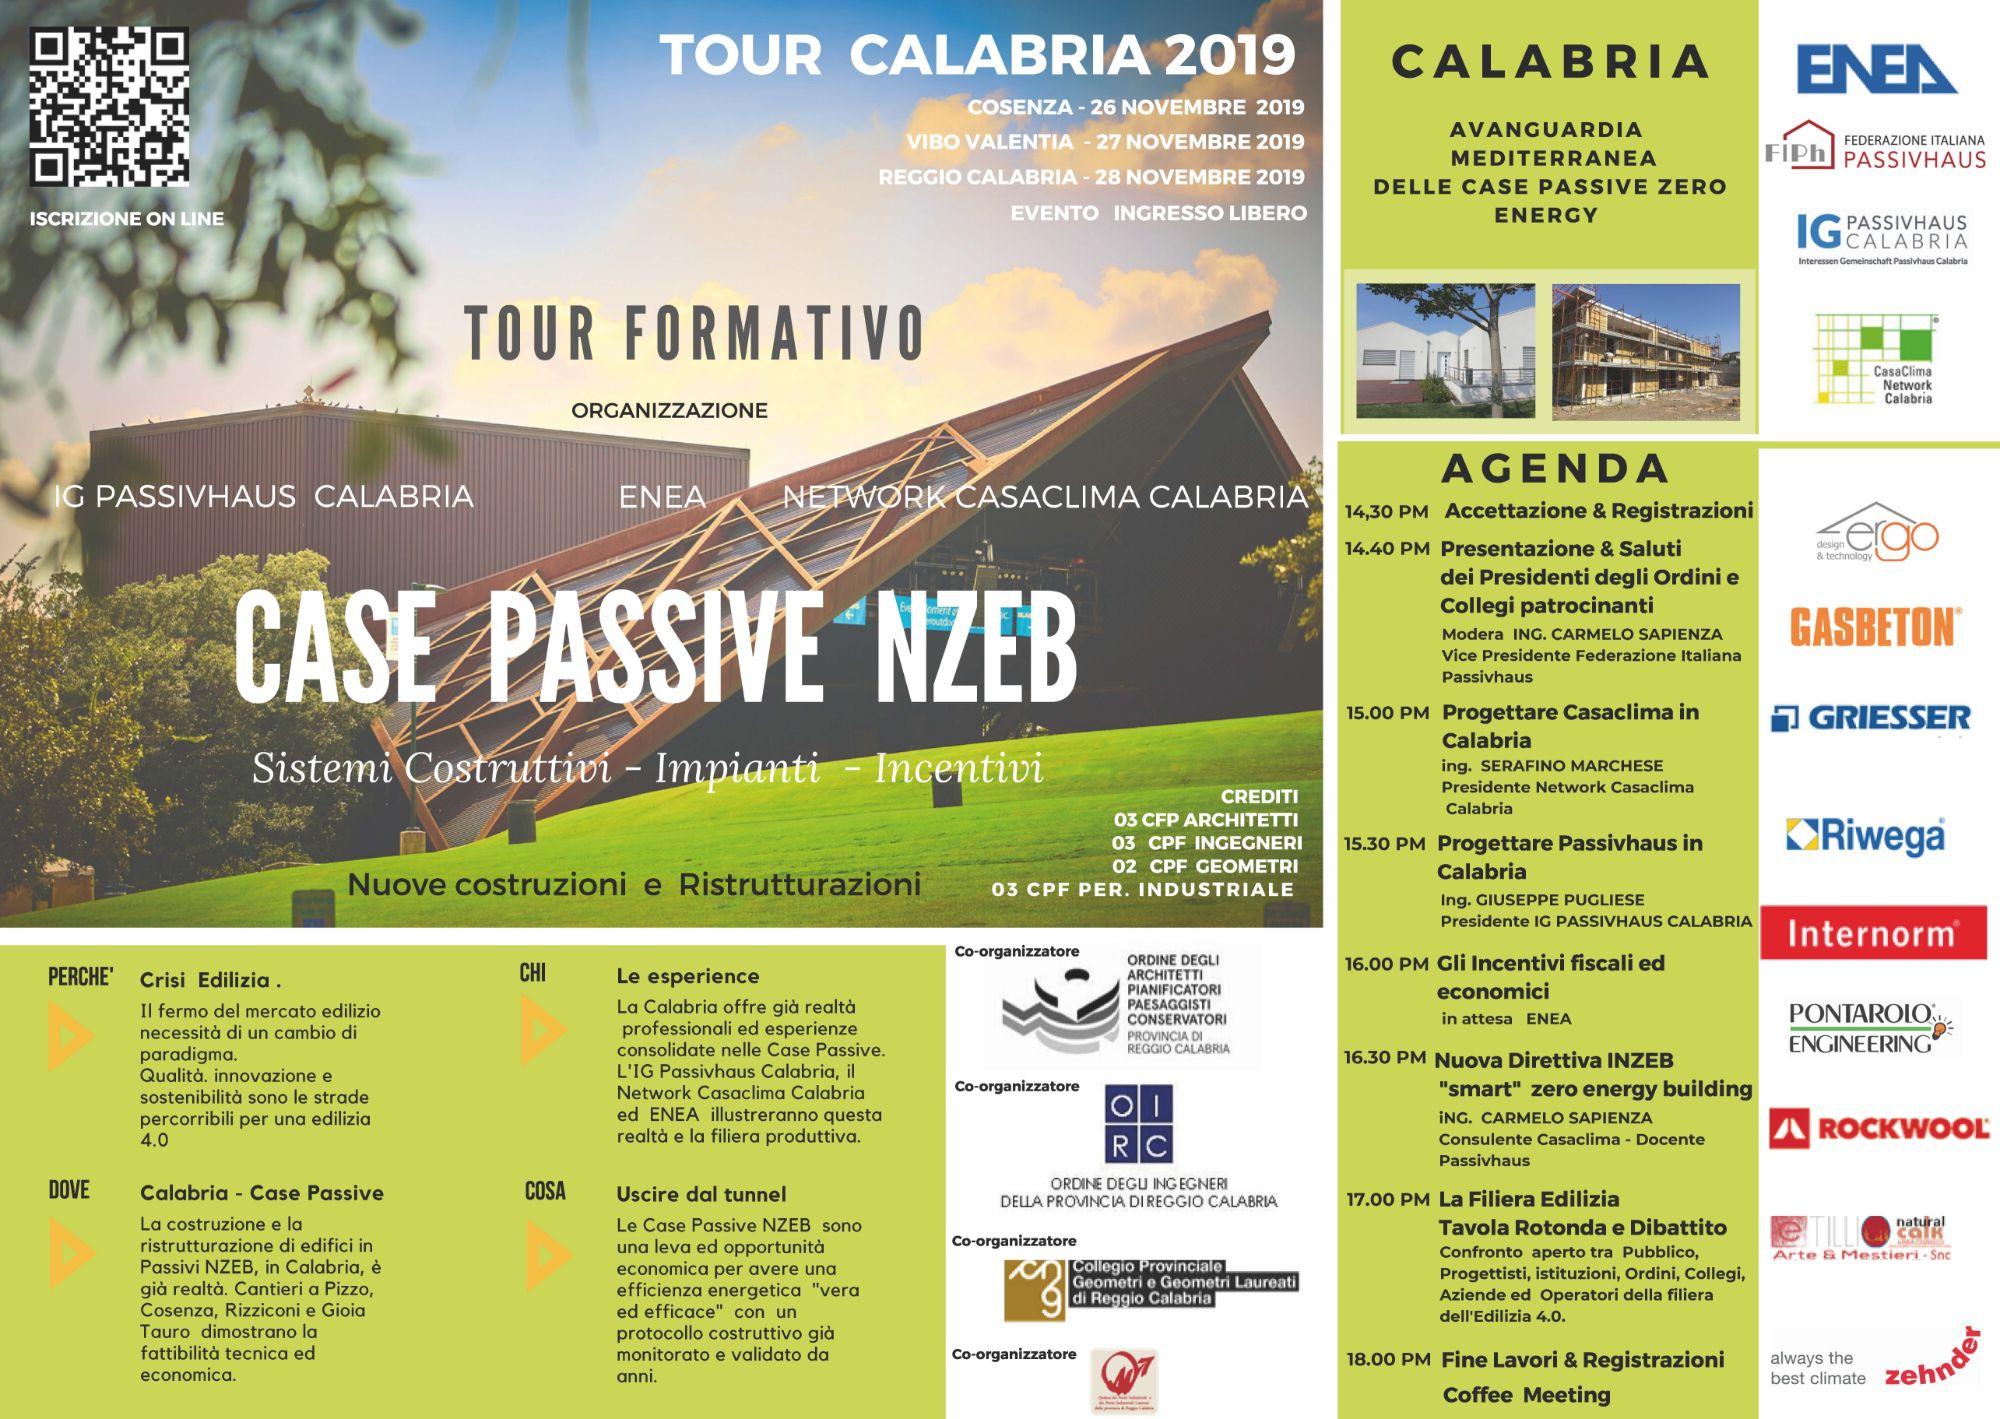 COSENZA CASE PASSIVE NZEB